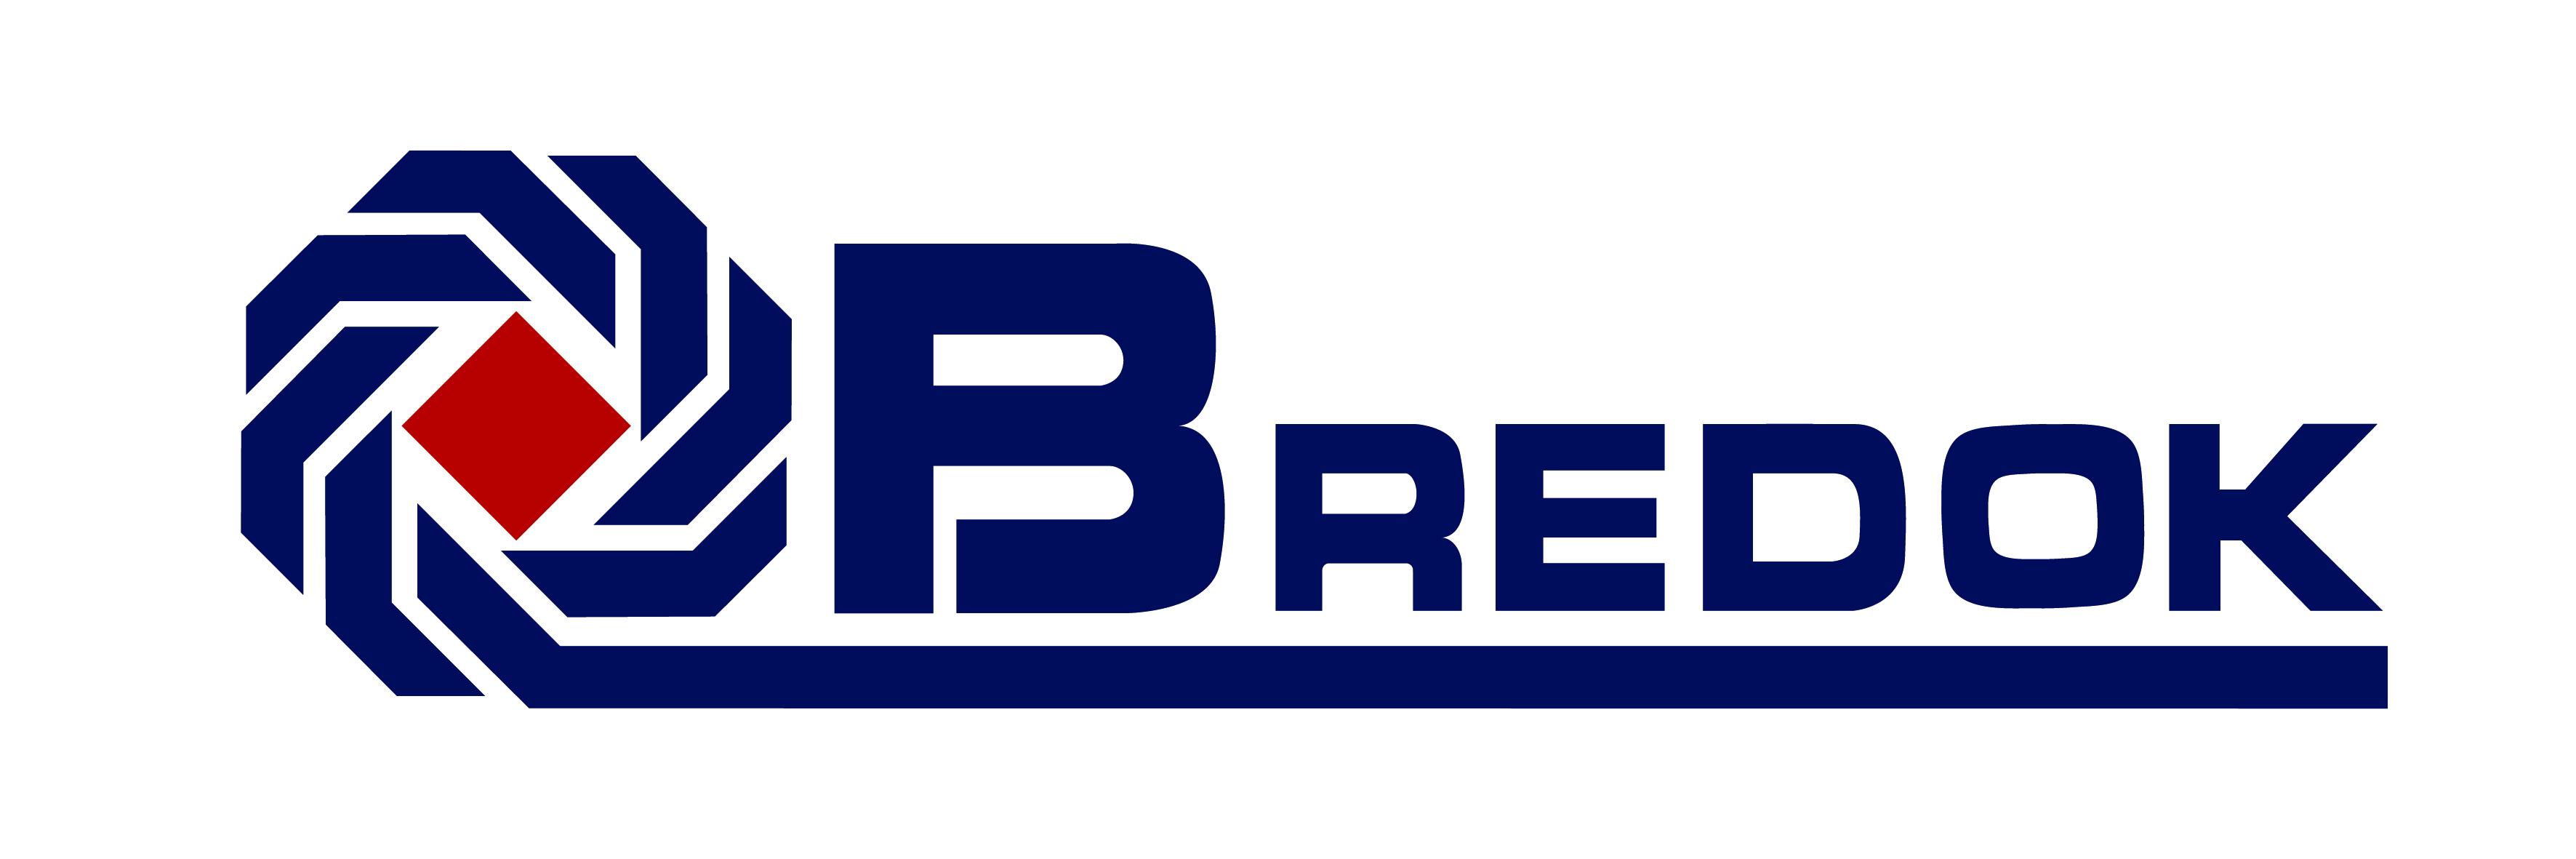 Bredok - Fabricant français de portails et clôtures en aluminium - Garantie à vie